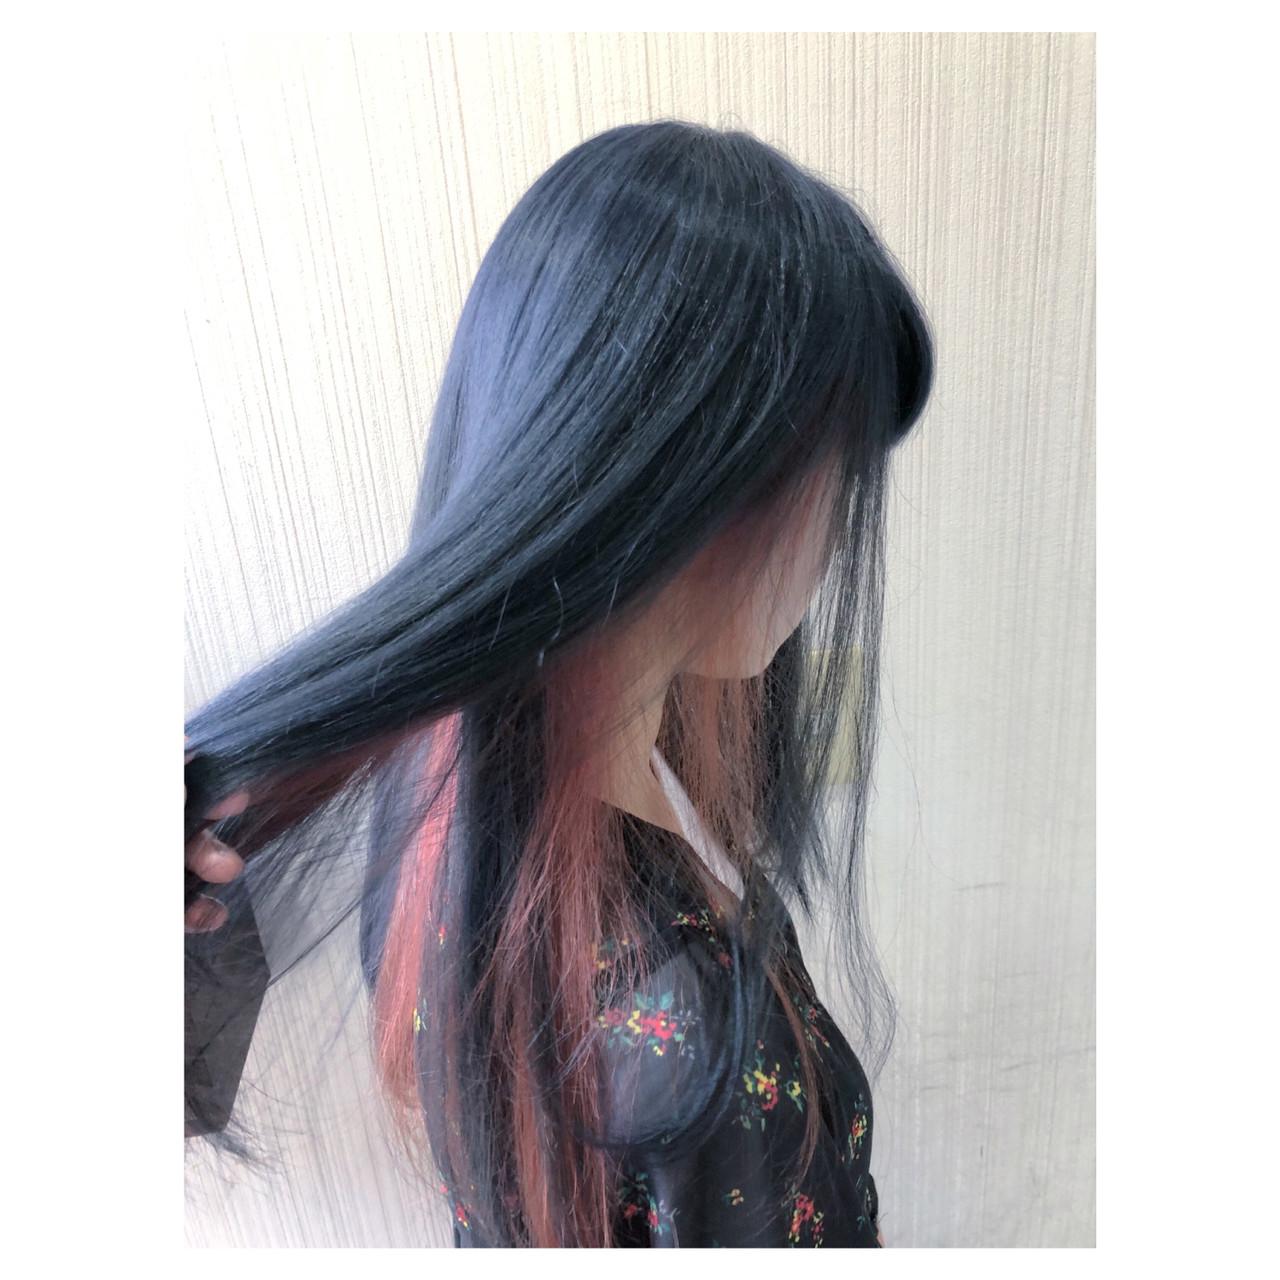 ミディアム 大人かわいい アンニュイほつれヘア デート ヘアスタイルや髪型の写真・画像 | クラ / TOMCAT